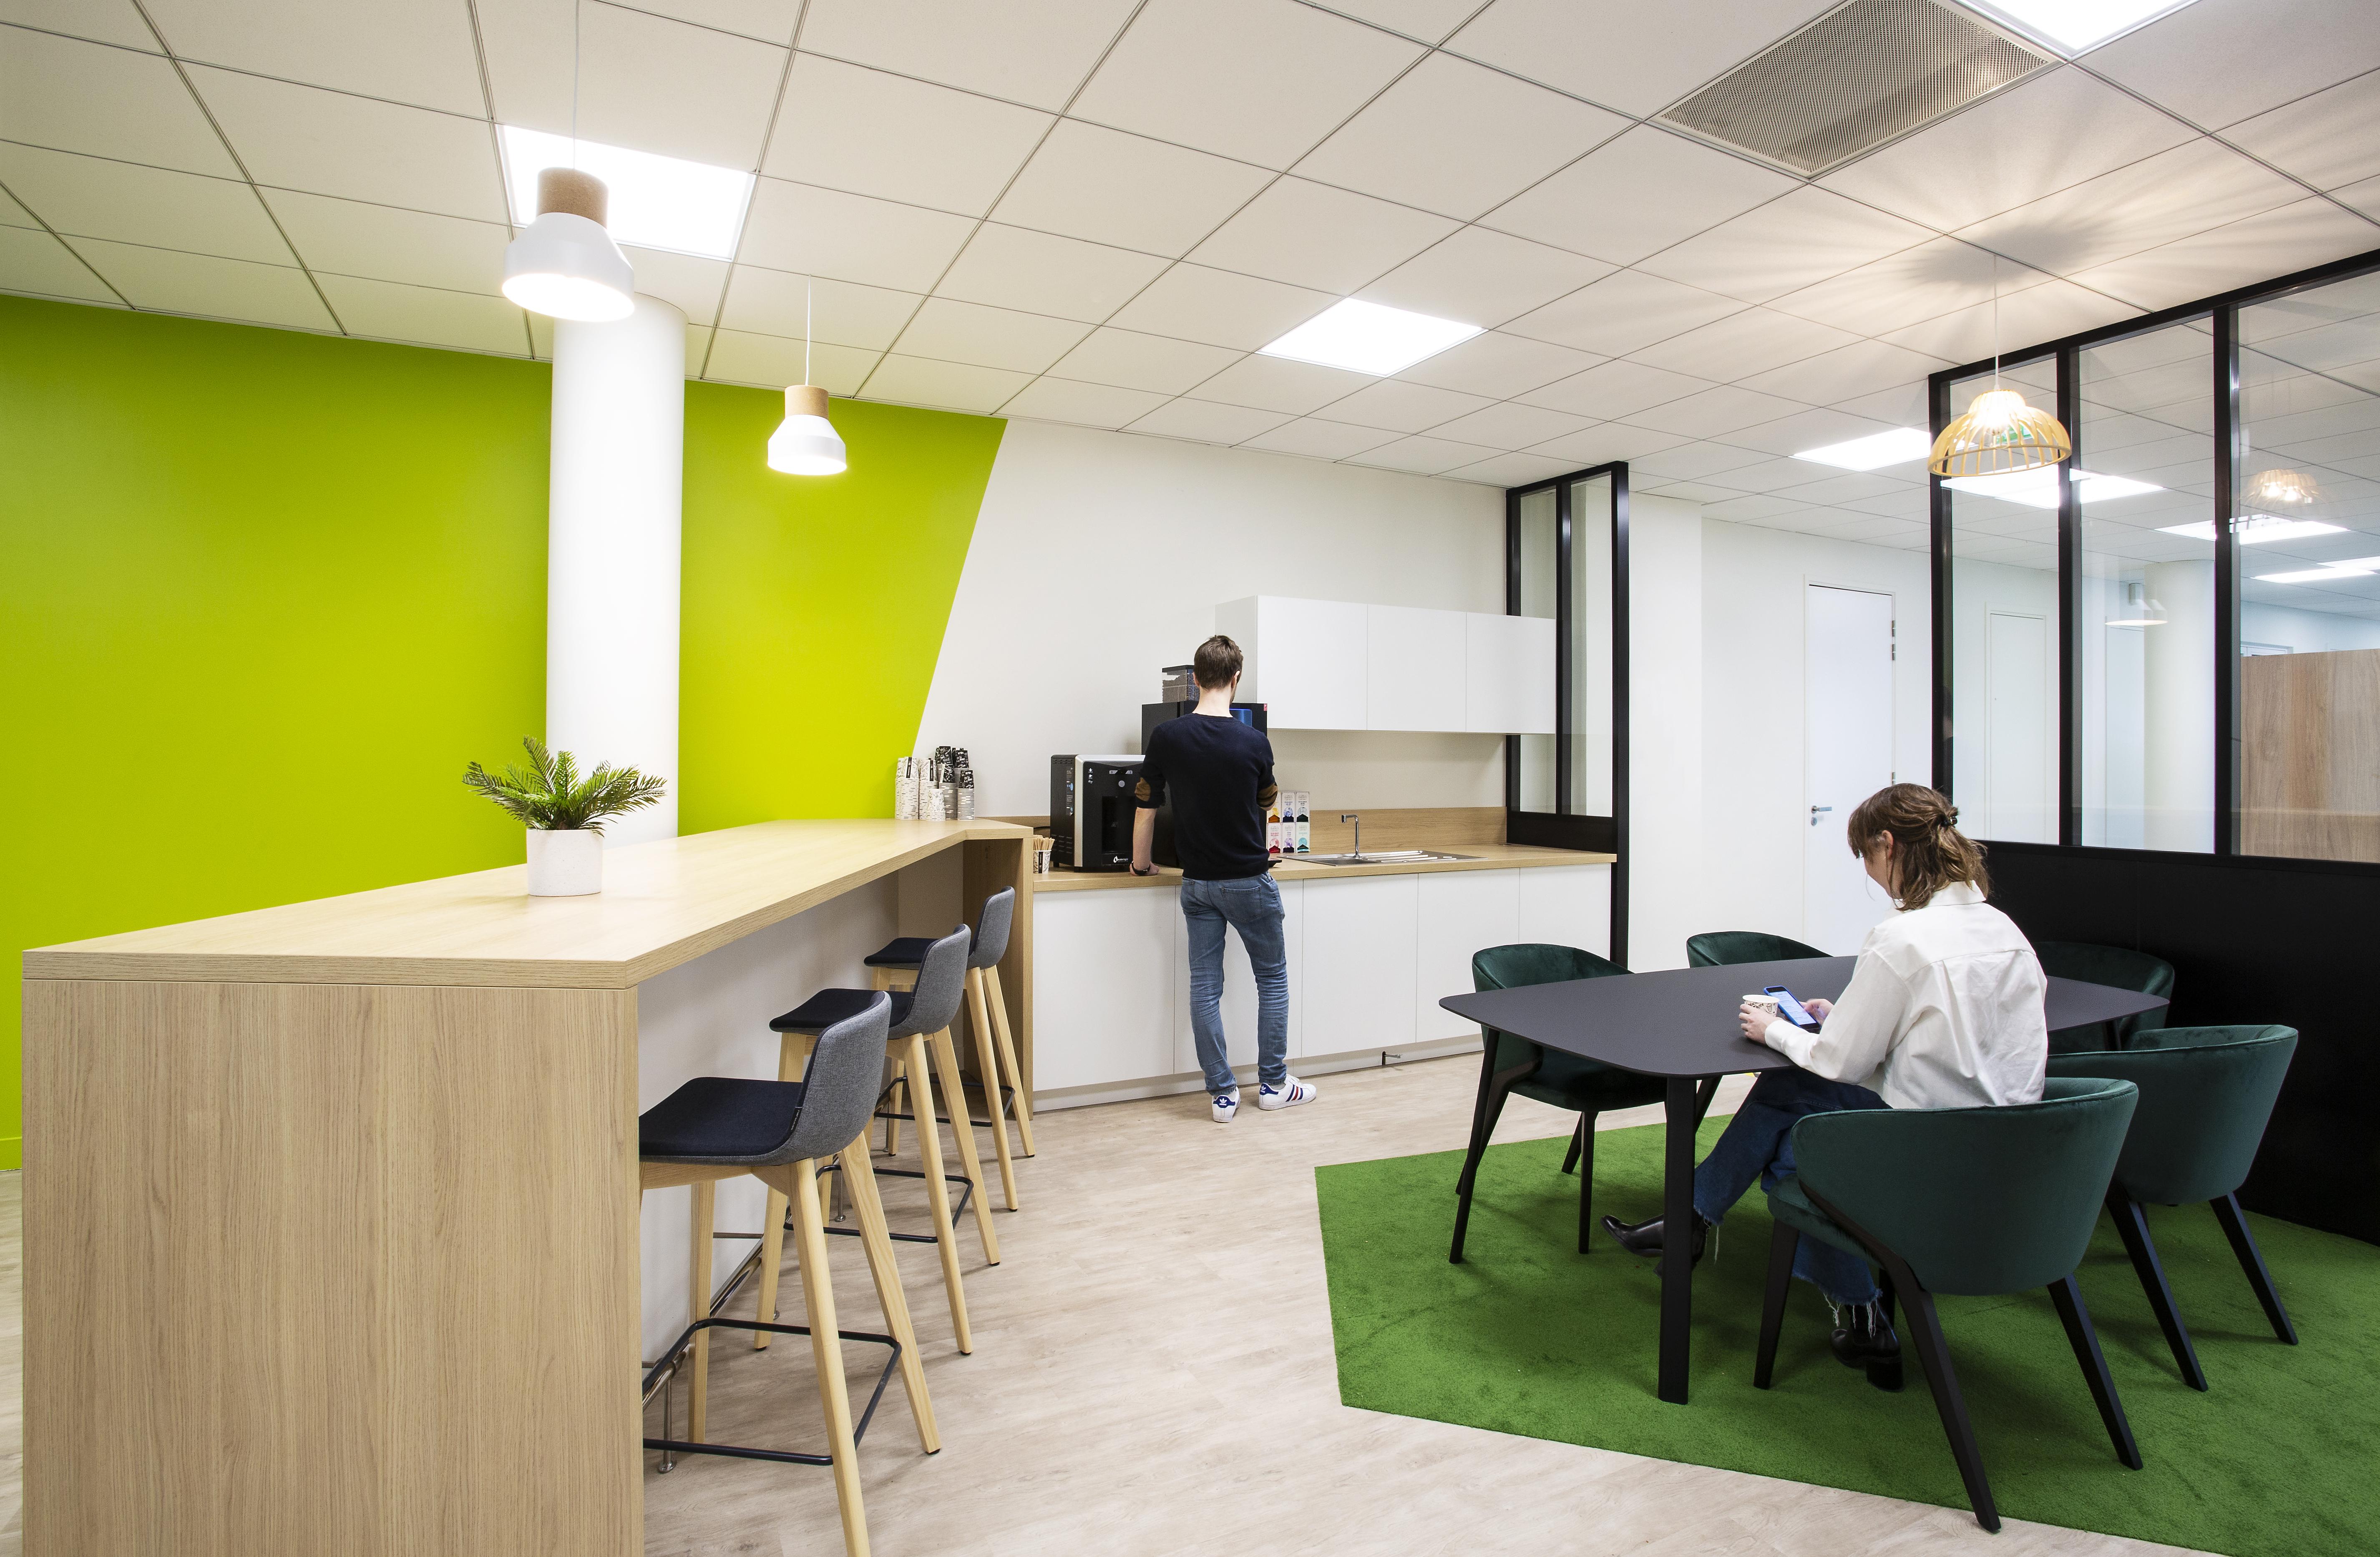 Aménagement d'un espace cafétéria, détente - Réalisation RTE - Puteaux